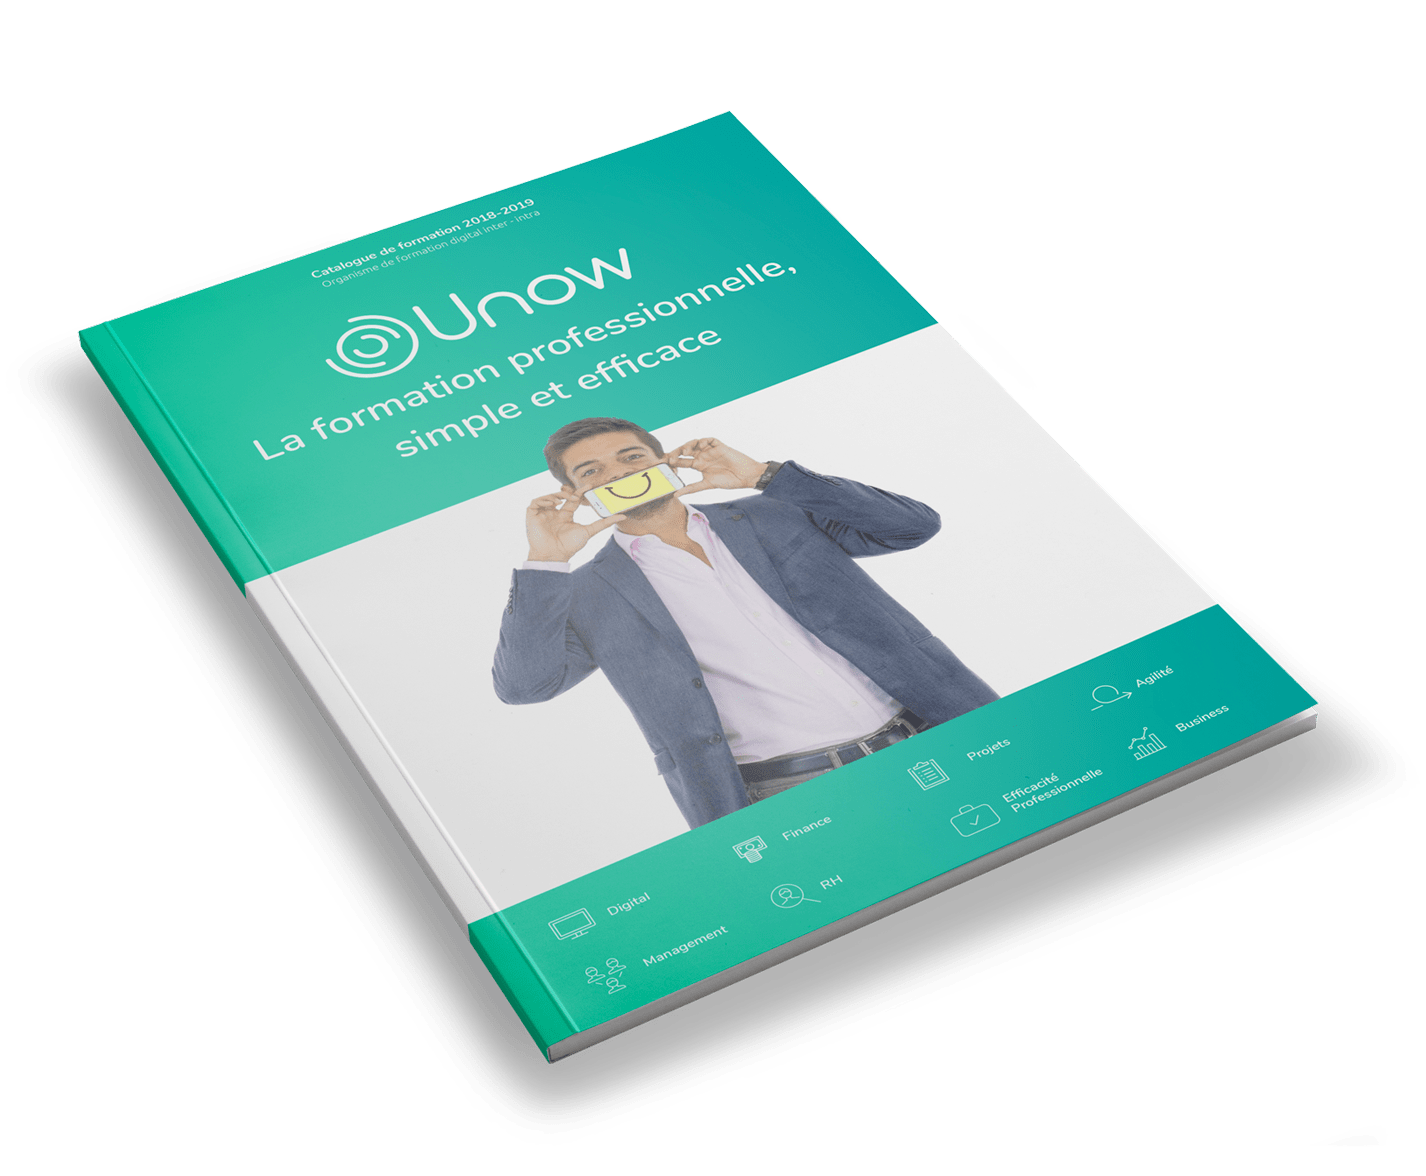 Couverture du catalogue de formations Unow